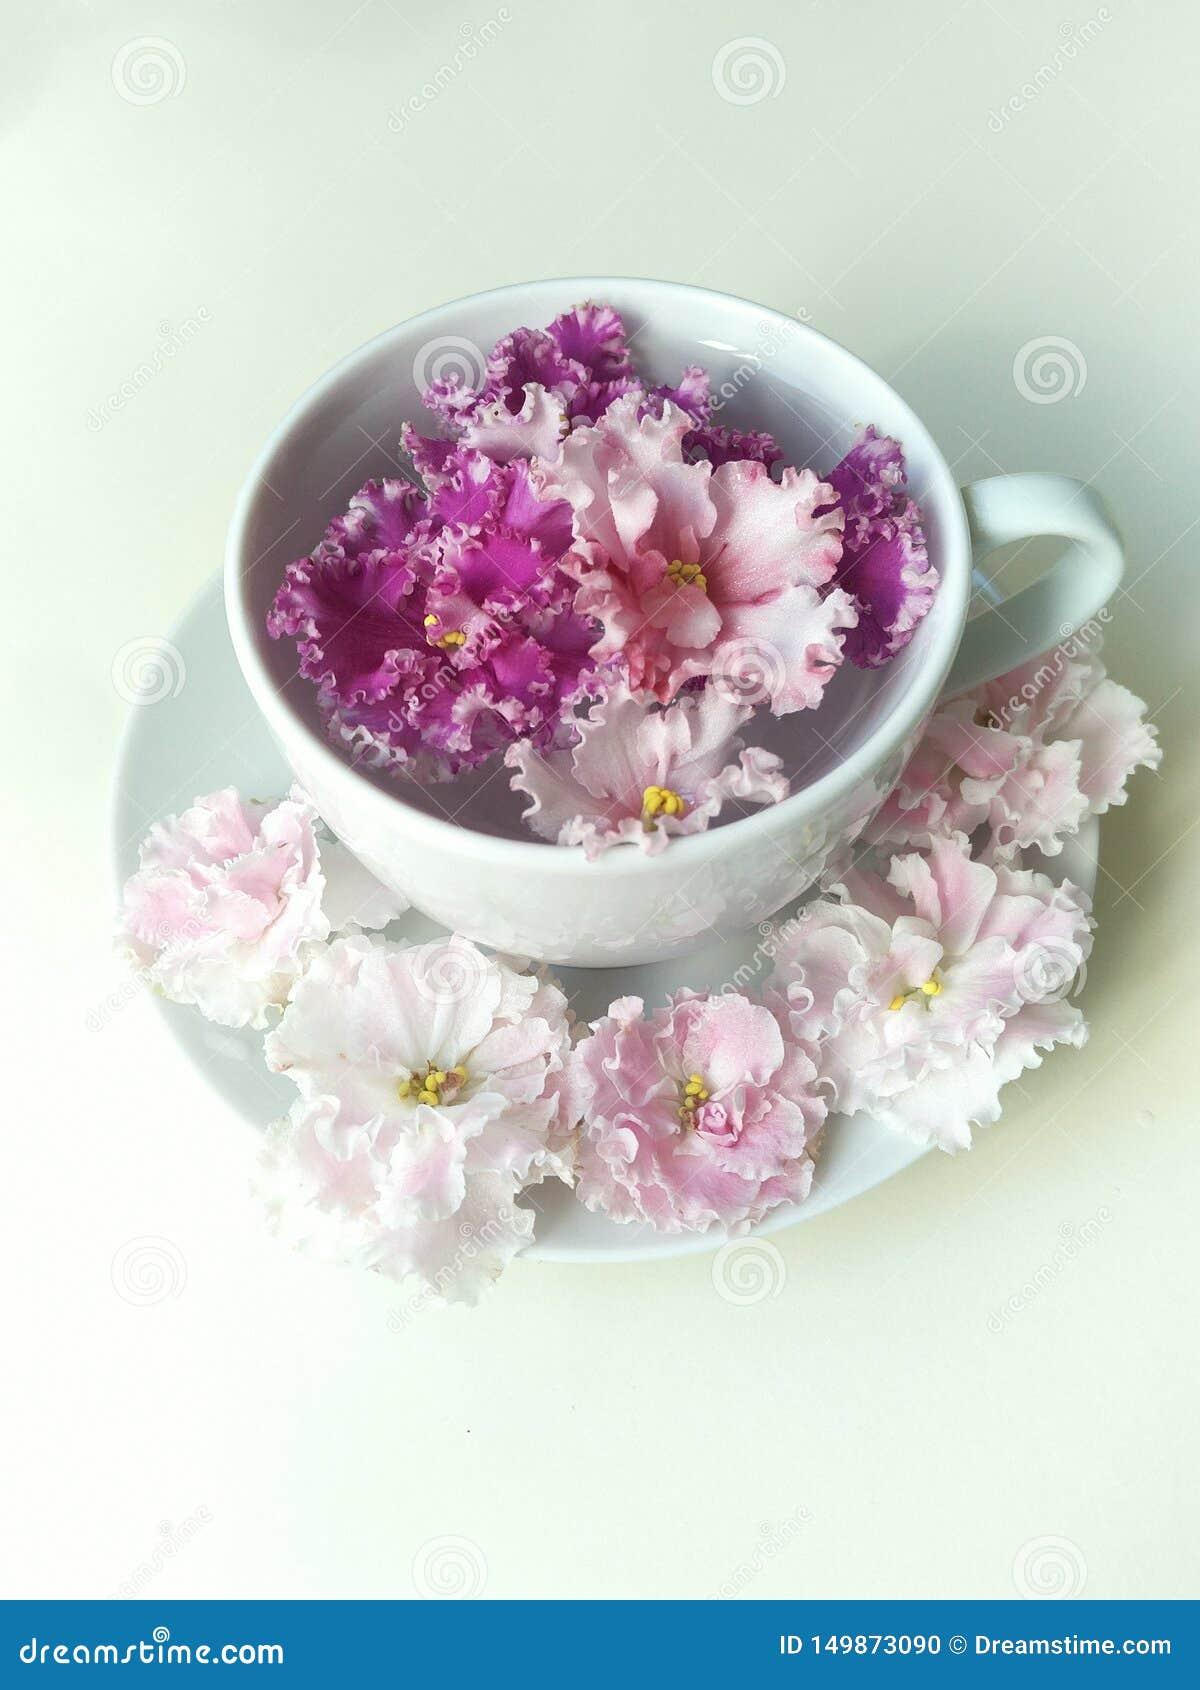 Água pura em um copo e em uns pires, uma flor carmesim que flutua em um copo, seis flores delicadas que encontram-se em torno dos